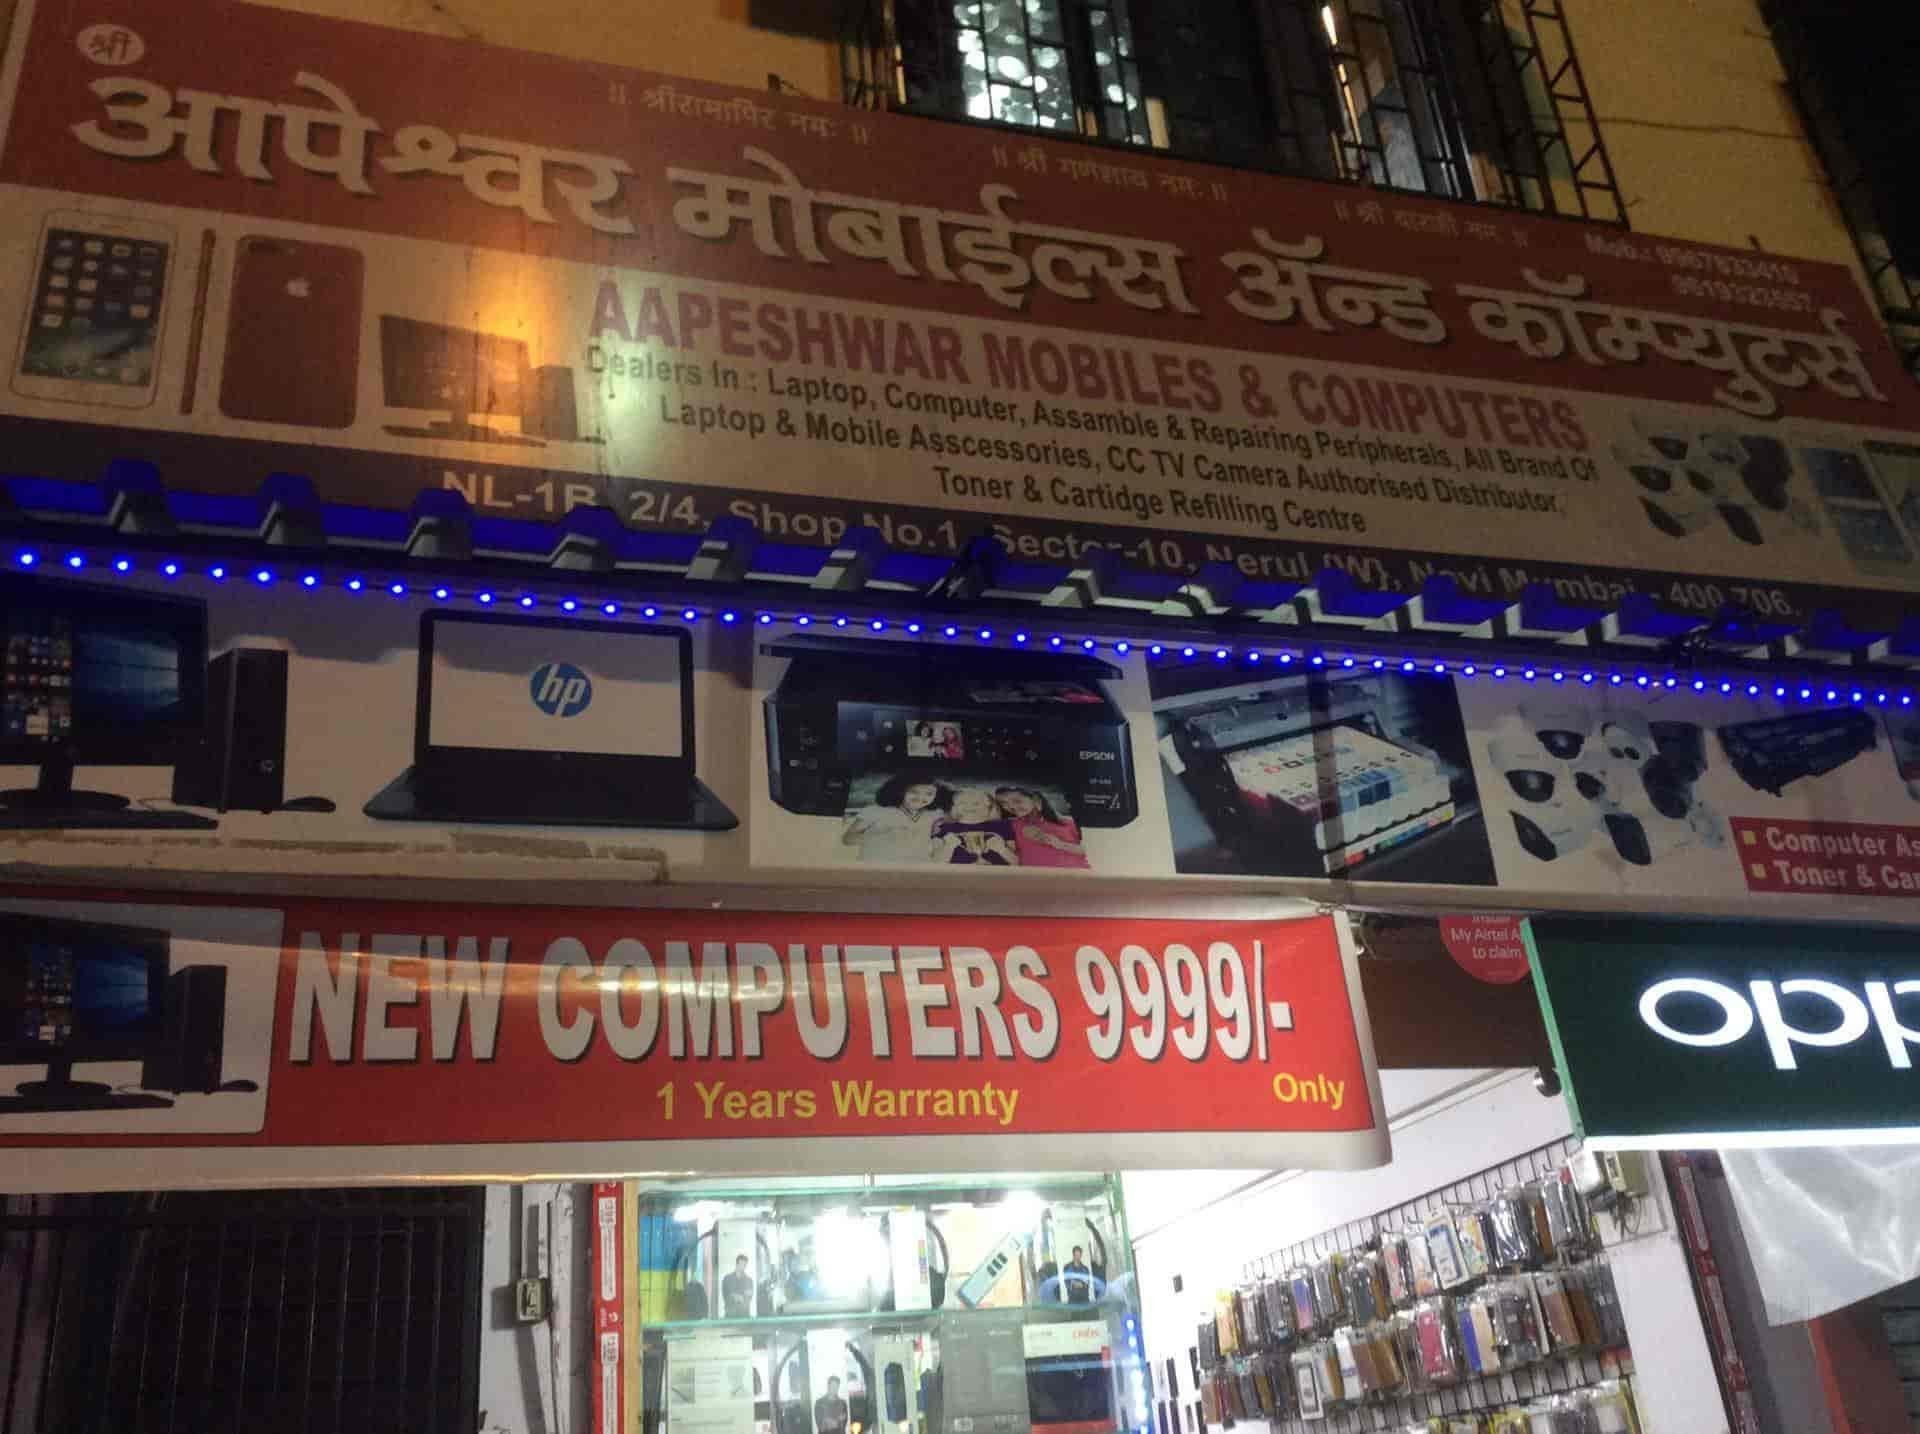 Aapeshwar Mobile Store, Nerul - Computer Repair & Services in Mumbai